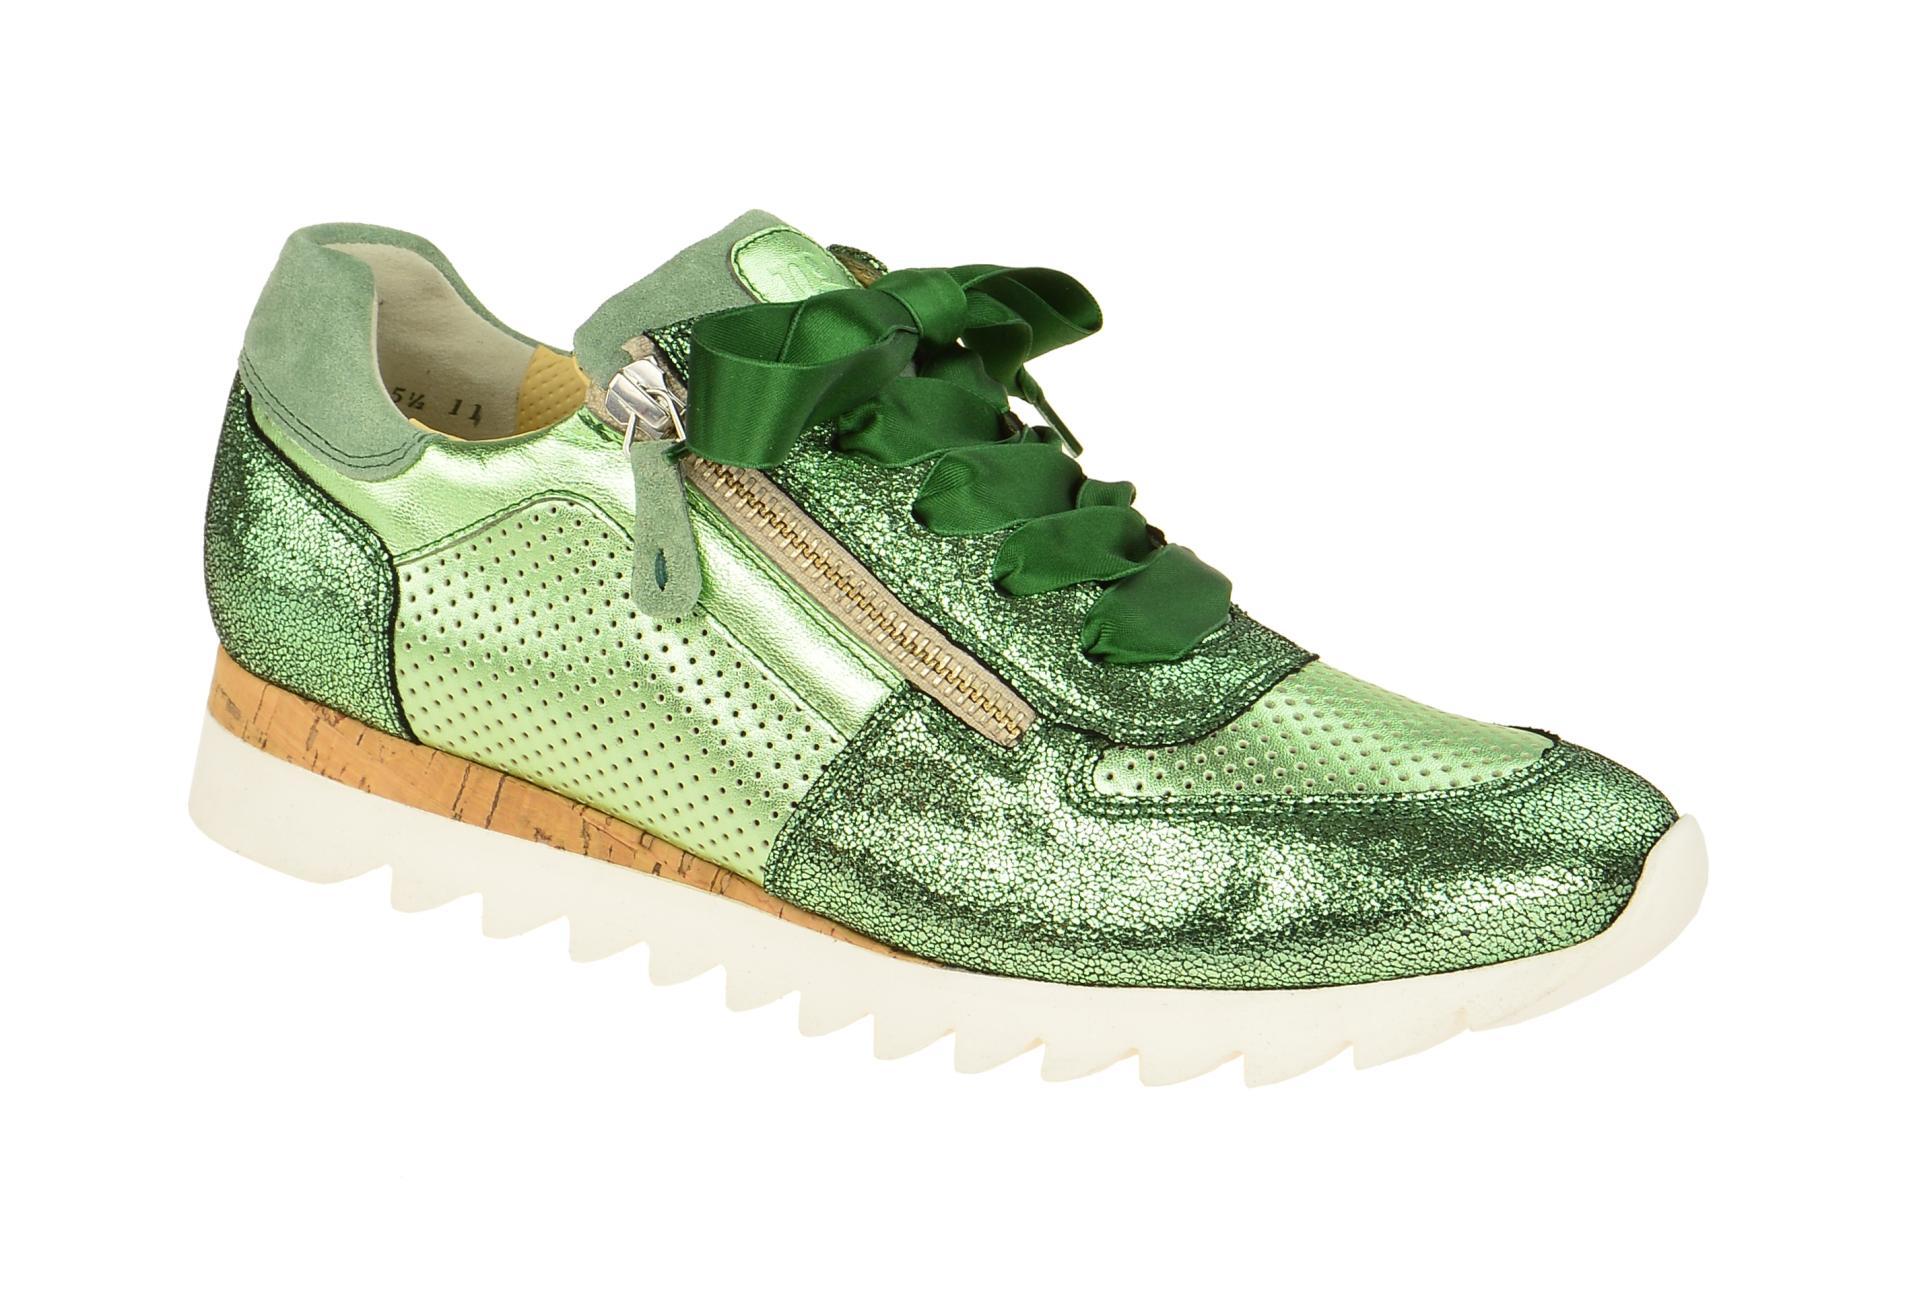 Billig Verkauf Exklusiv Schnelle Lieferung Verkauf Online Paul Green Schuhe Sneakers blau metallic 4650 Günstig Kaufen Gefälschte Oy5DN